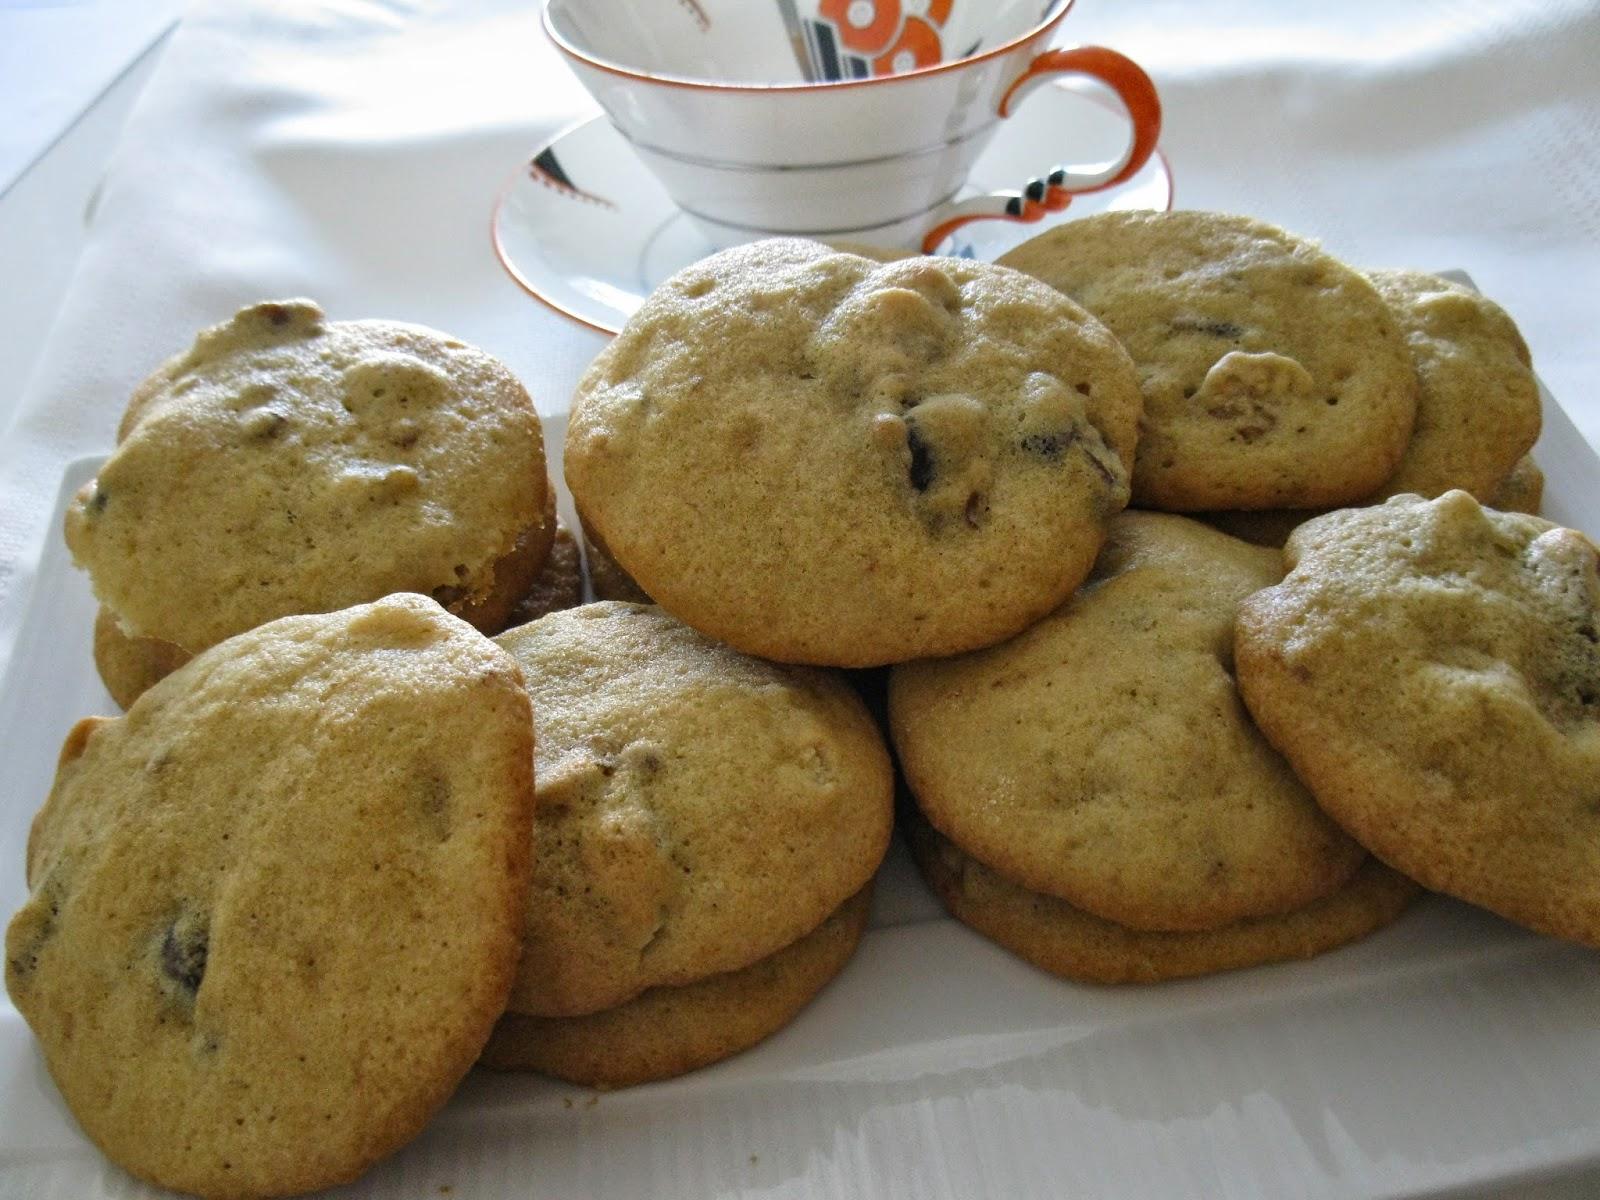 Biscuits l 39 rable dattes et noix recette for Exterieur traduction allemand